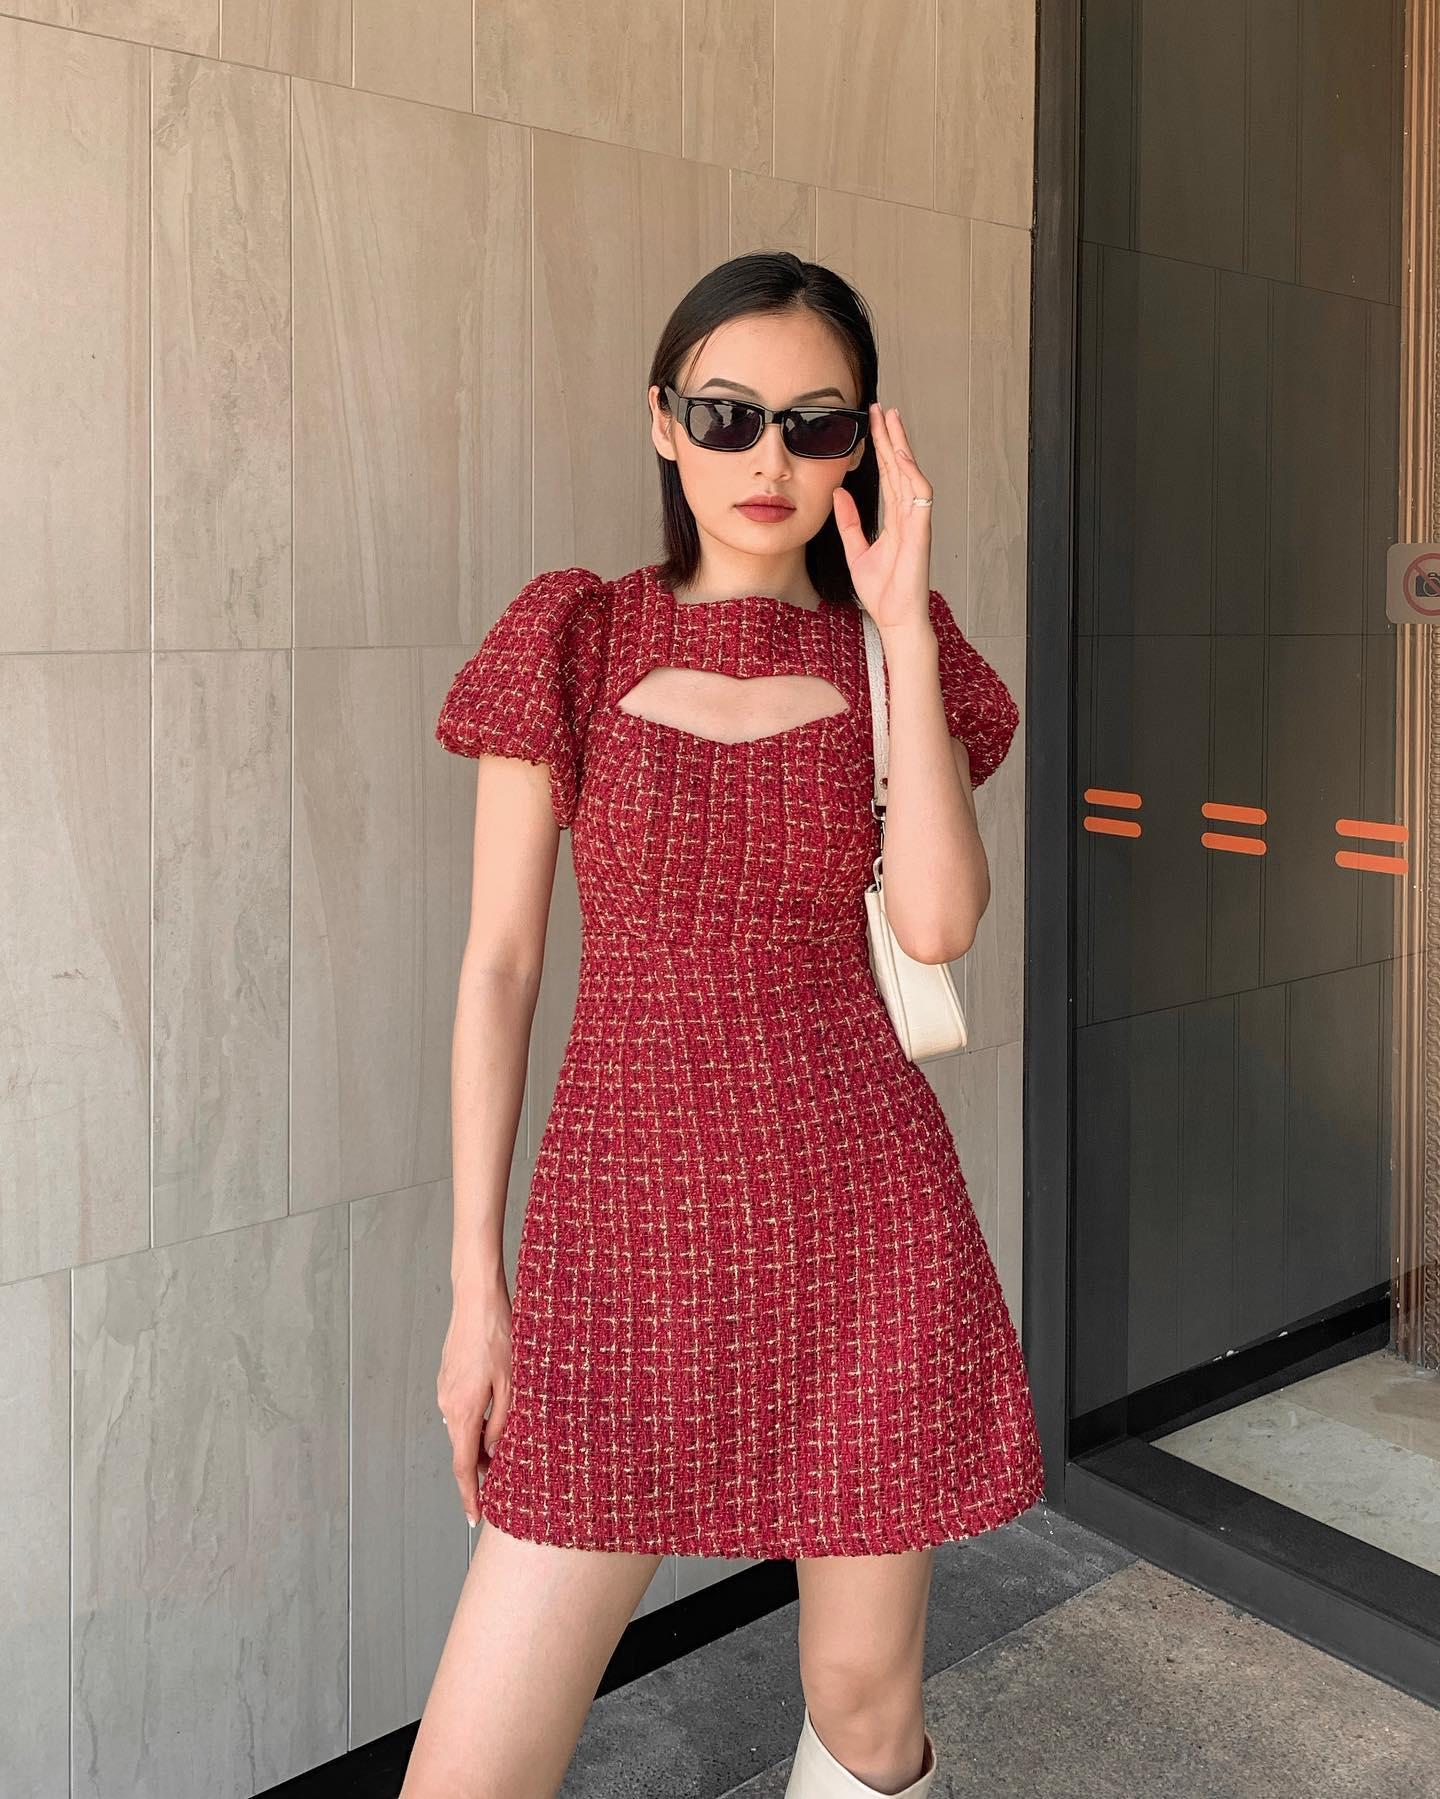 Hà Hồ - Lương Thùy Linh đụng váy Zara màu đỏ chứng minh hè này chị em nhất định nên sắm một chiếc - Ảnh 5.